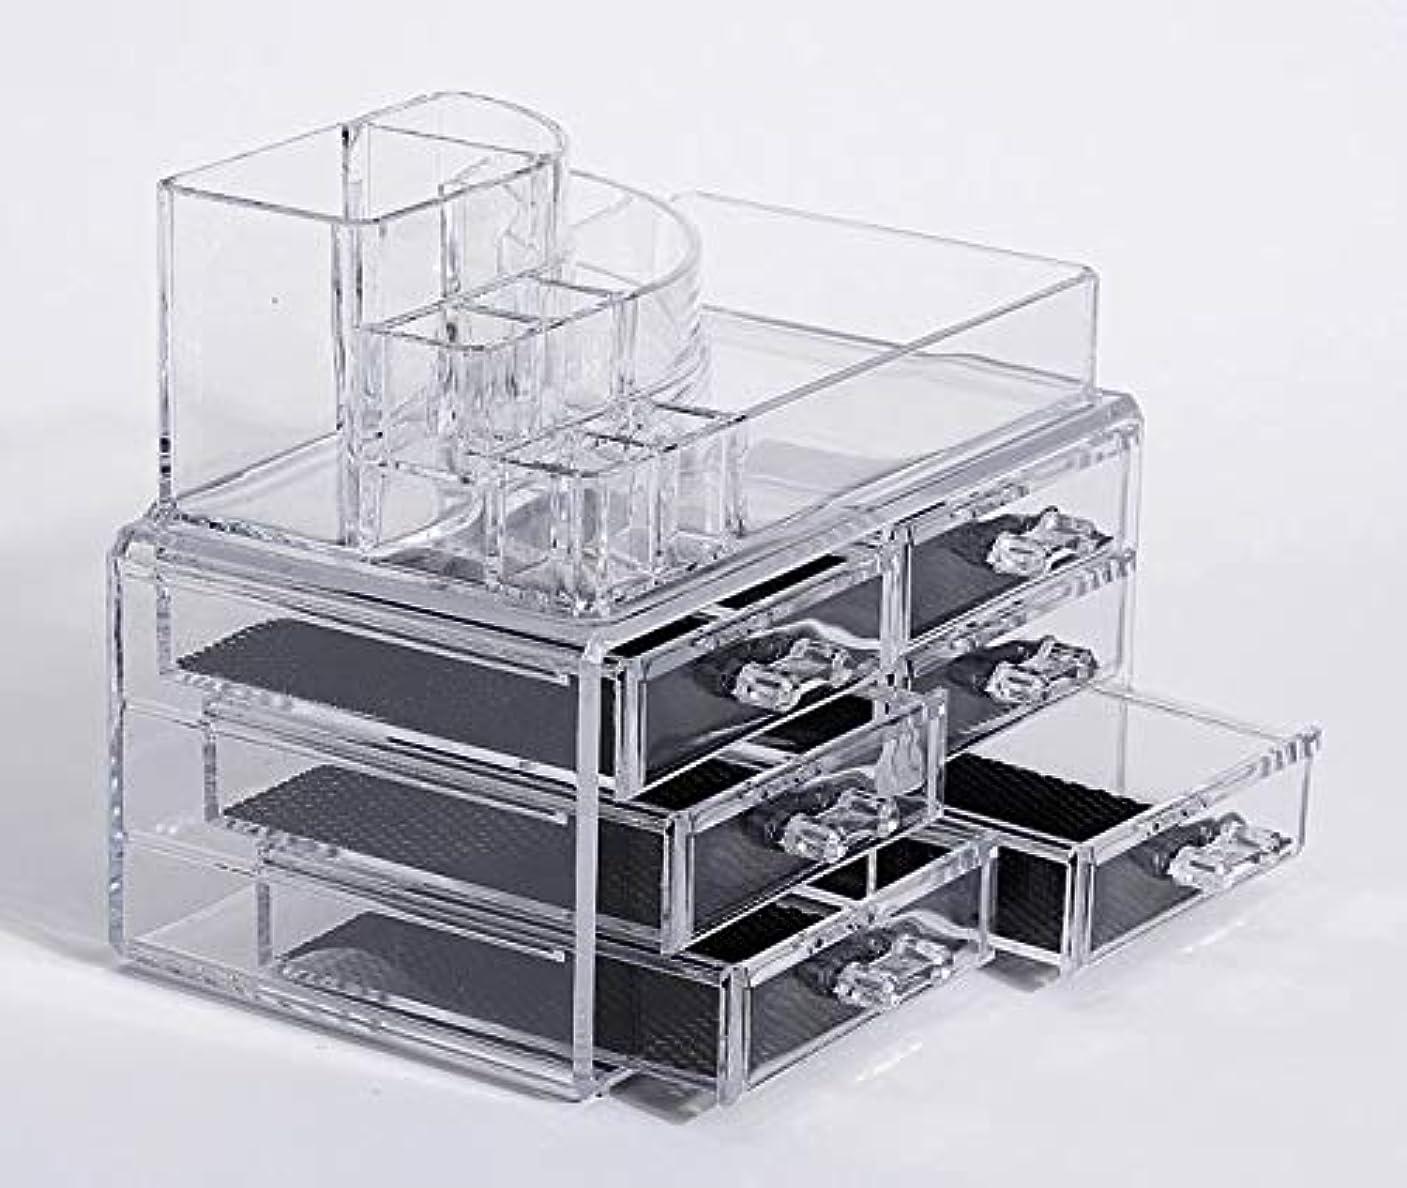 排出造船許す化粧品収納ボックス メイクボックス 化粧品 収納 ニオイなし 騒音なし 防塵 高透明度 強い耐久性